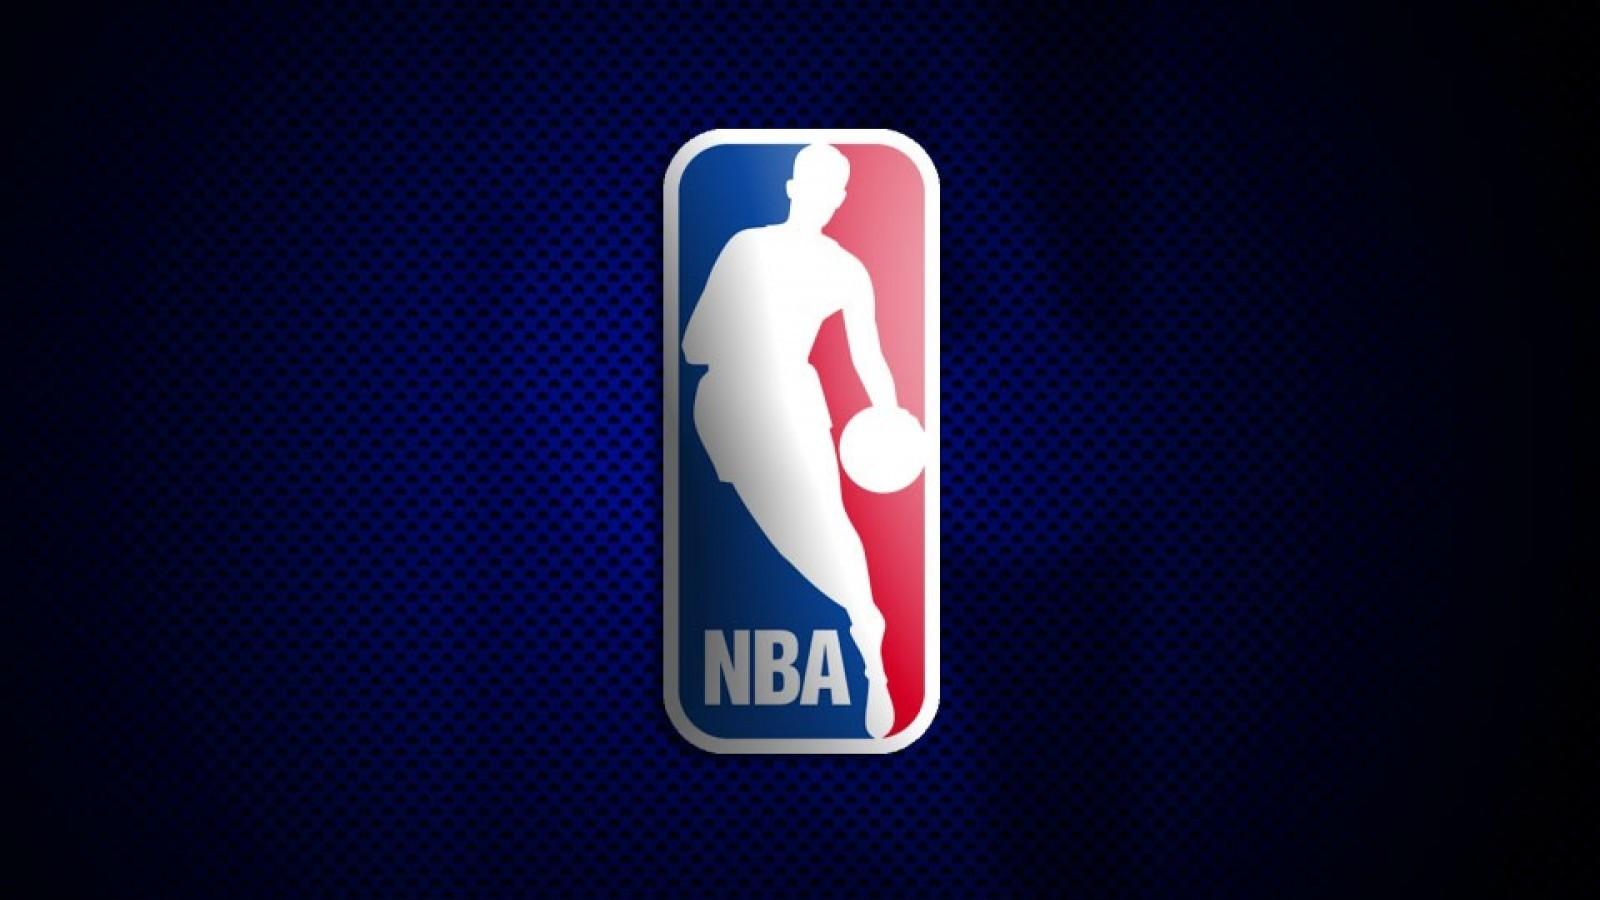 Найкращі моменти матчів НБА 11 лютого: відео